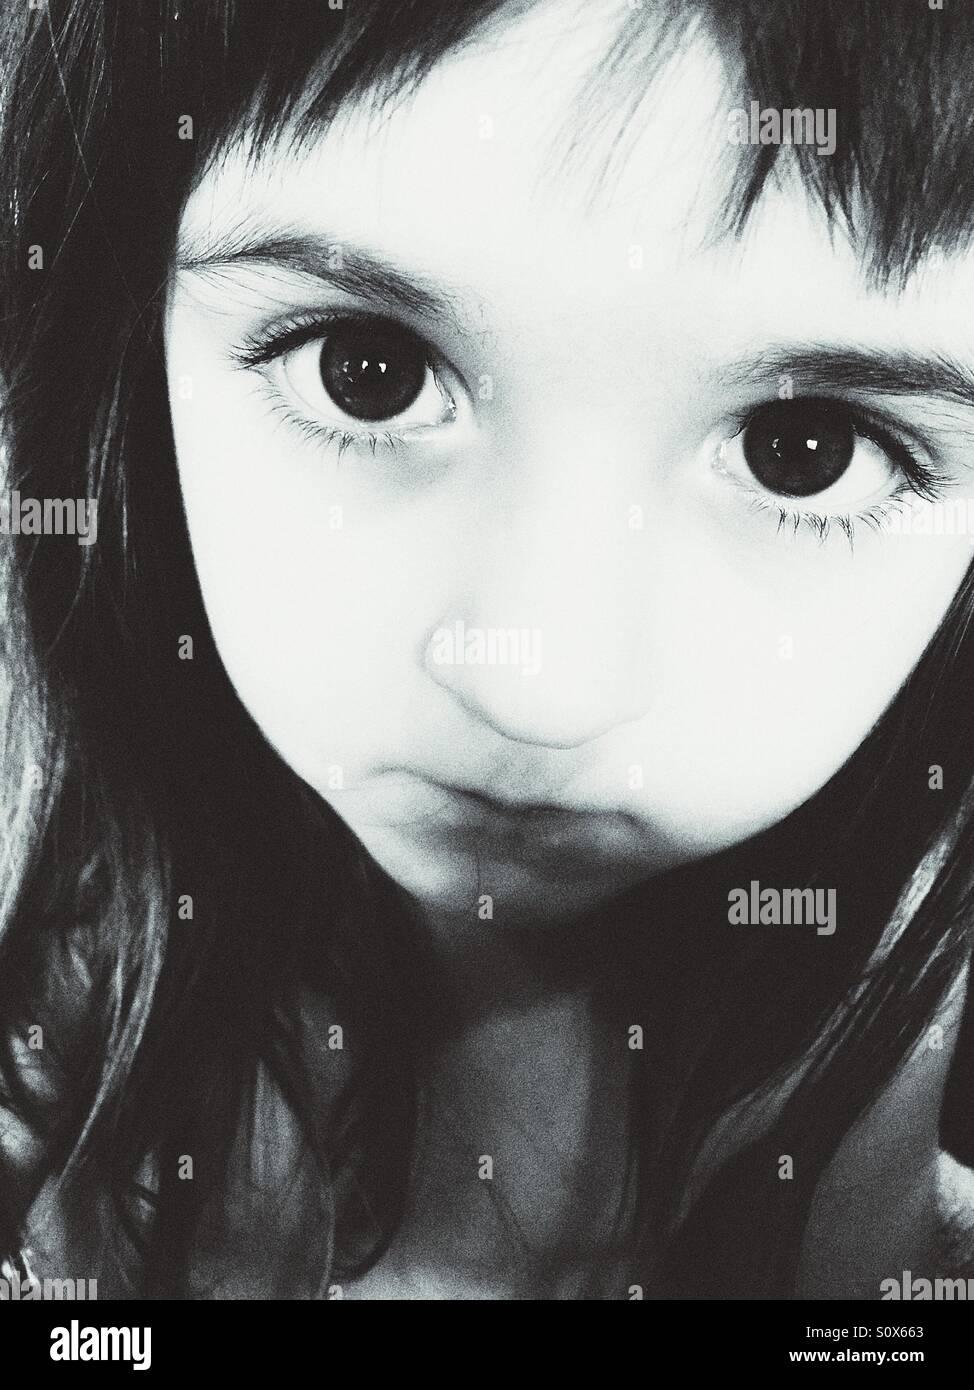 Retrato en blanco y negro de chica caucásica. Imagen De Stock